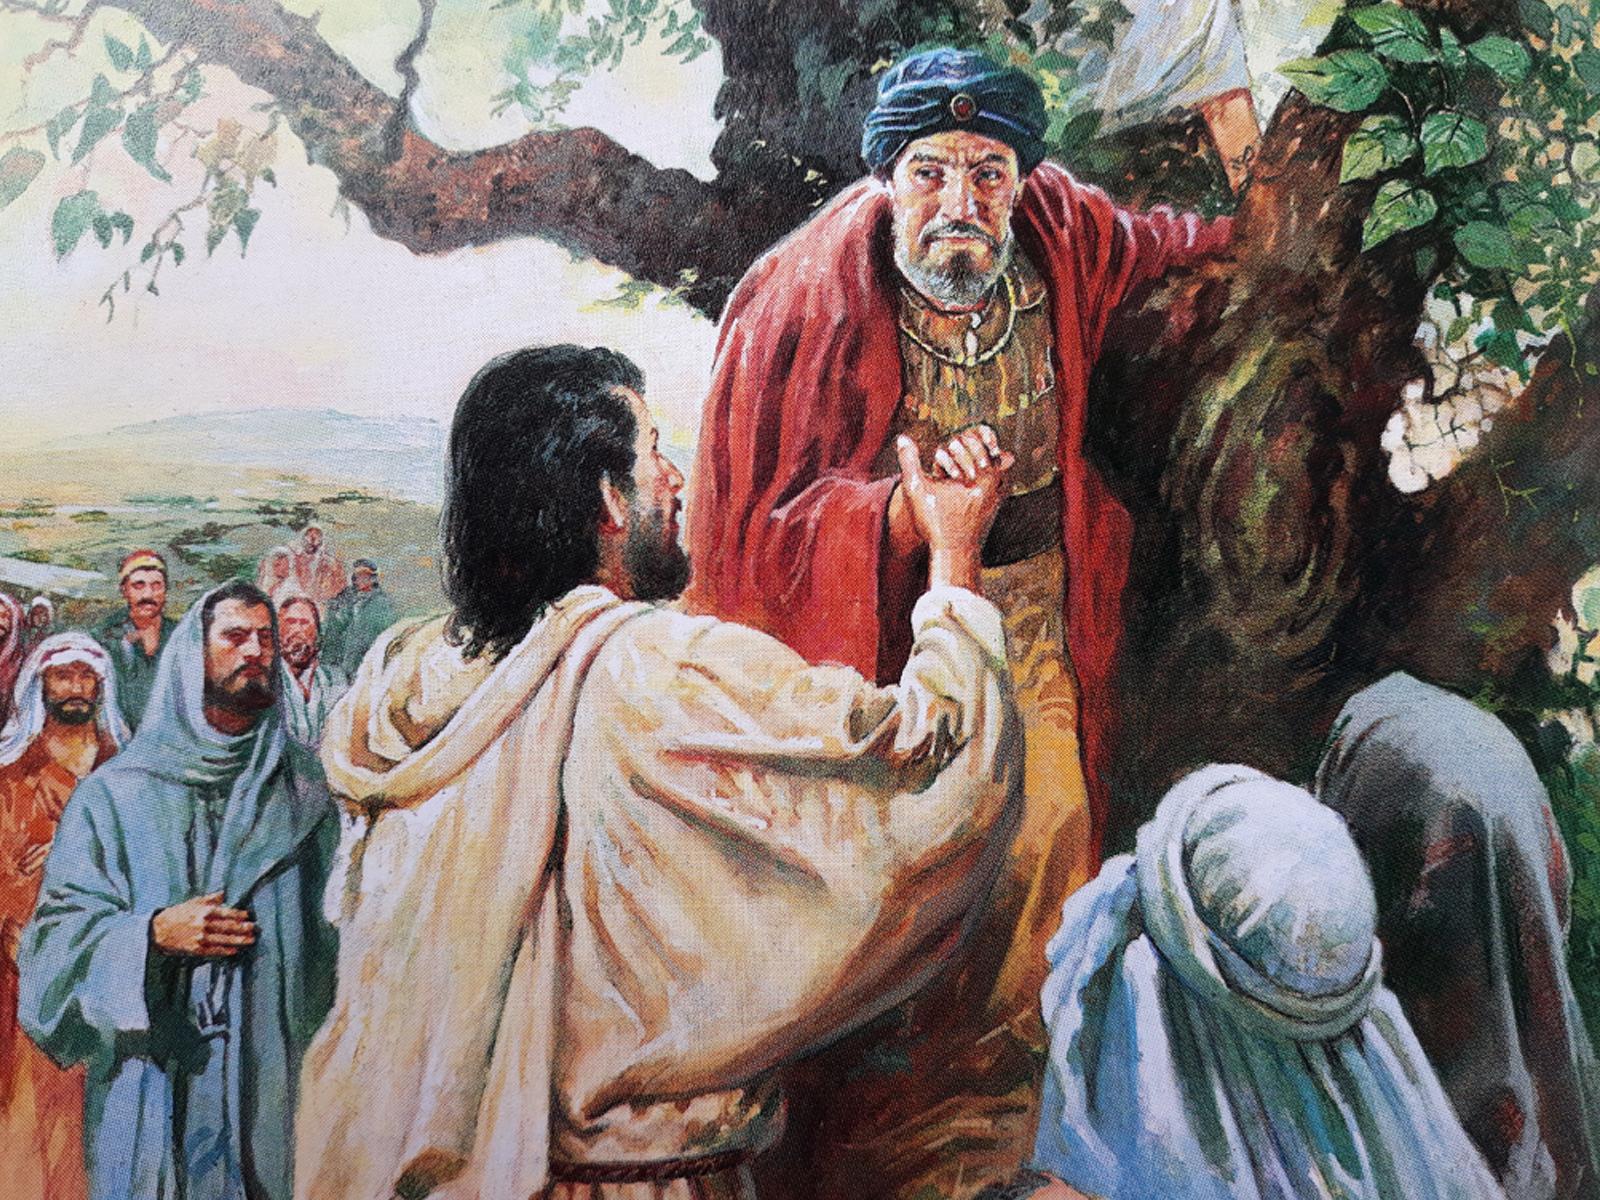 Continue a reflexão do encontro de Zaqueu com Jesus